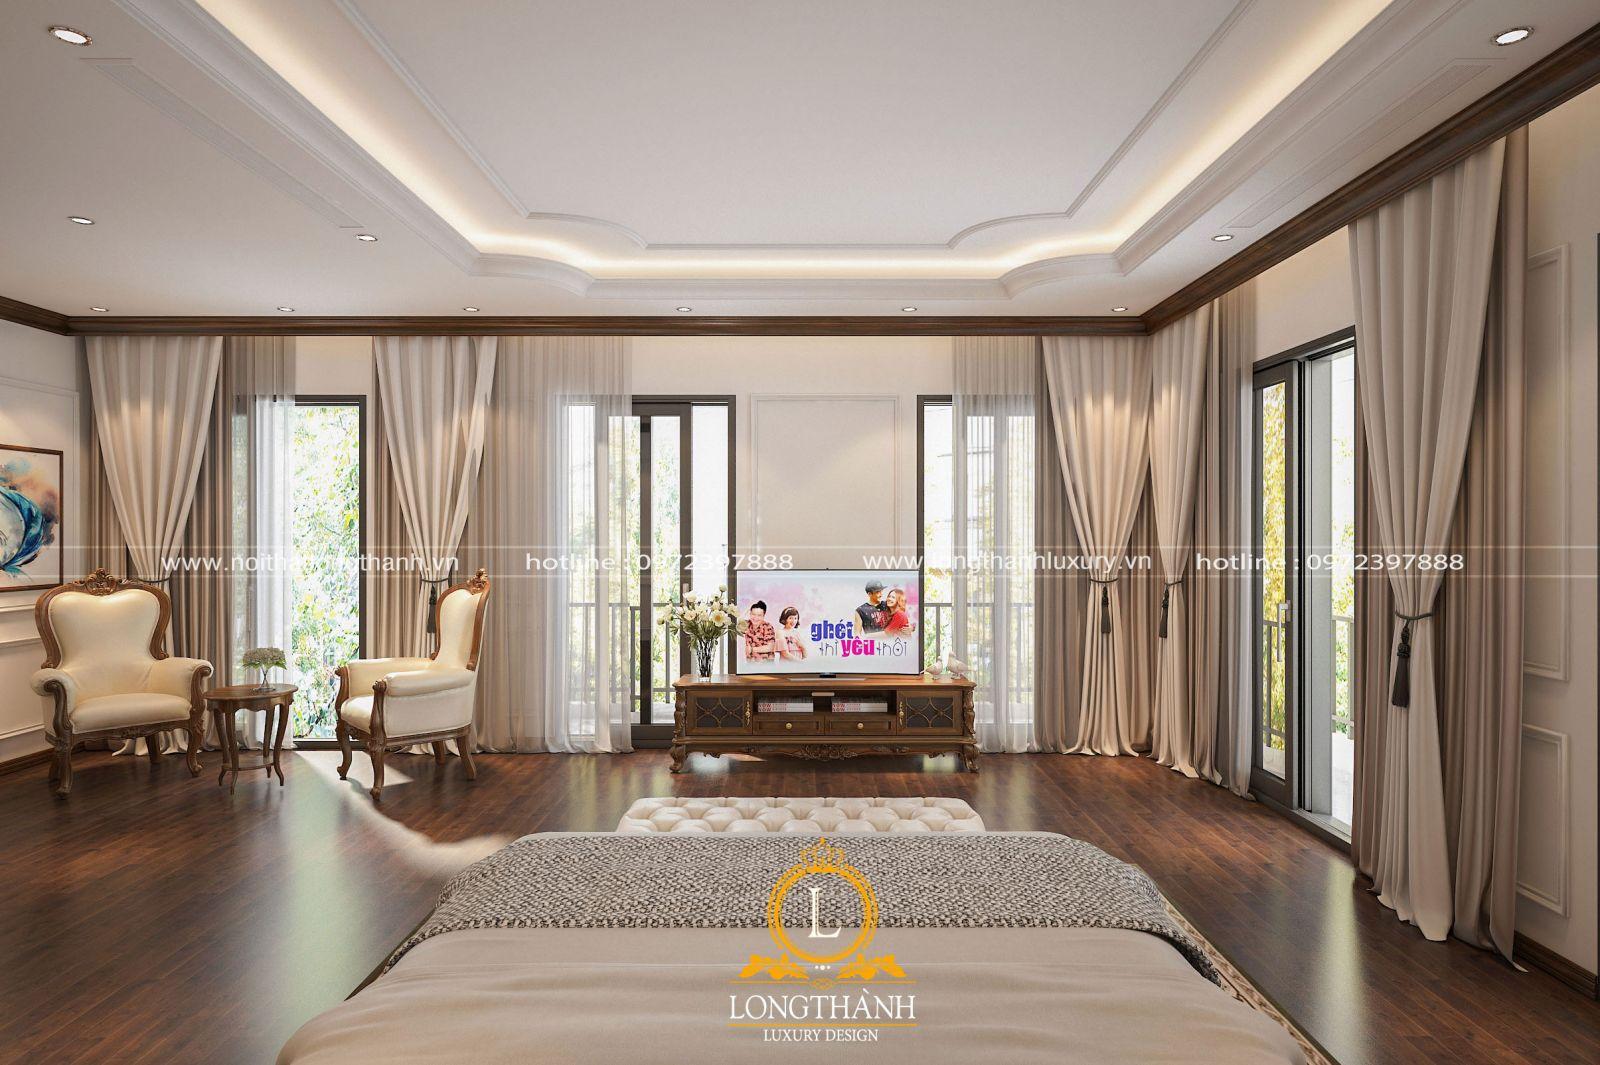 mẫu kệ tivi cho không gian phòng ngủ nhà biệt thự rộng